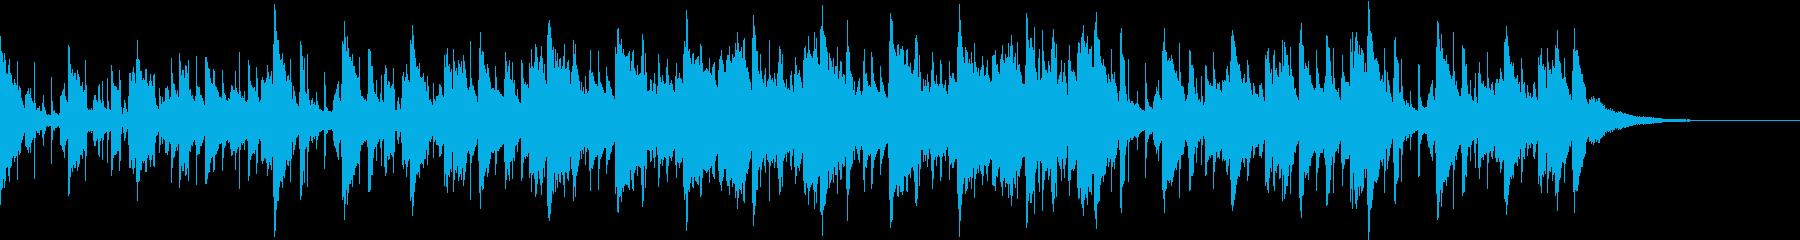 Pf「密」和風現代ジャズの再生済みの波形